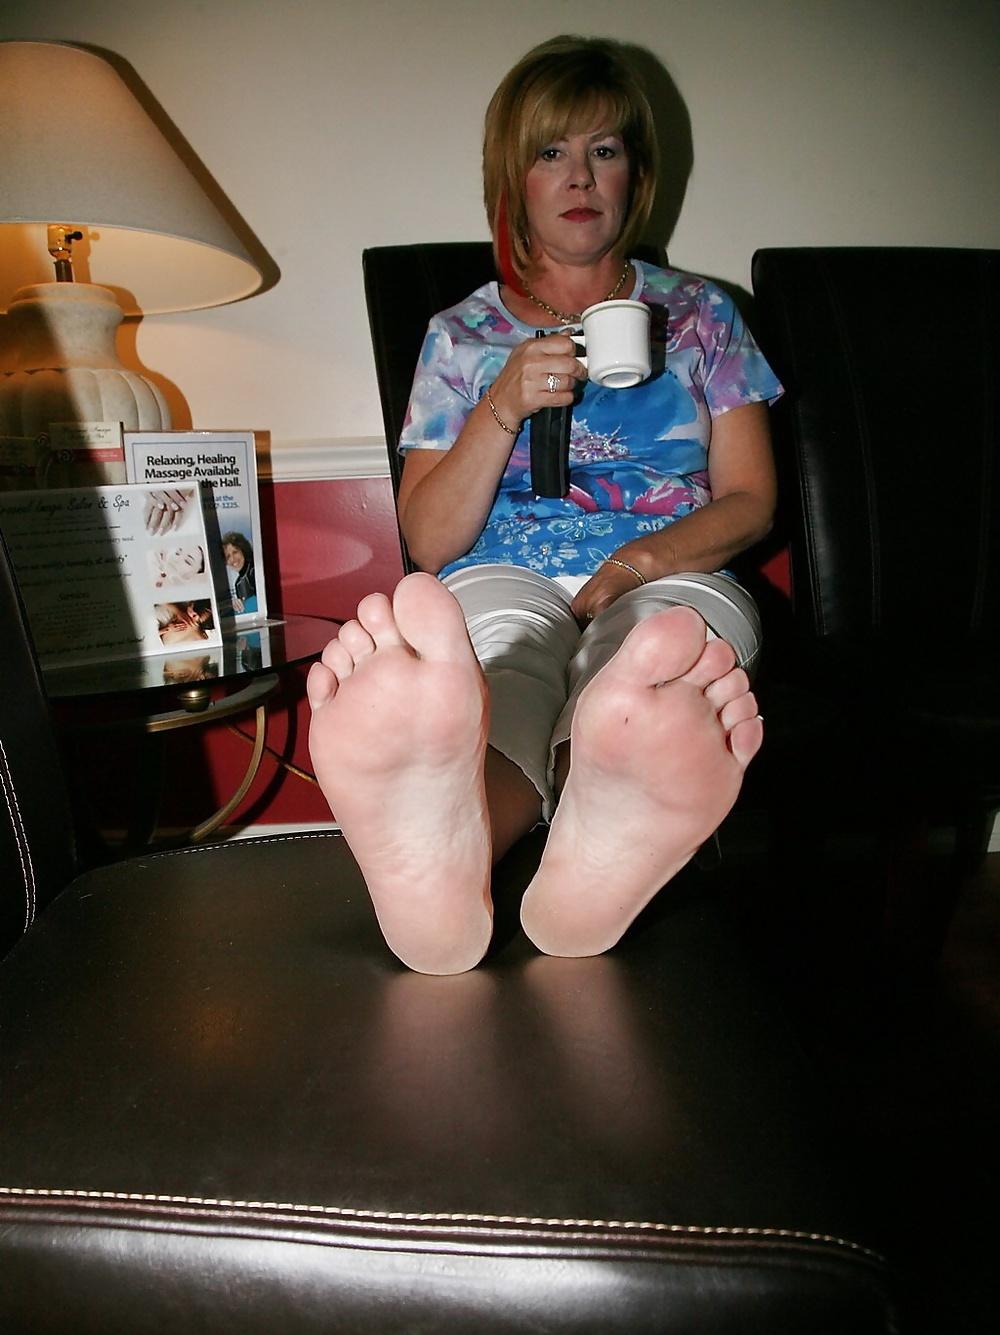 Milf Candid Feet